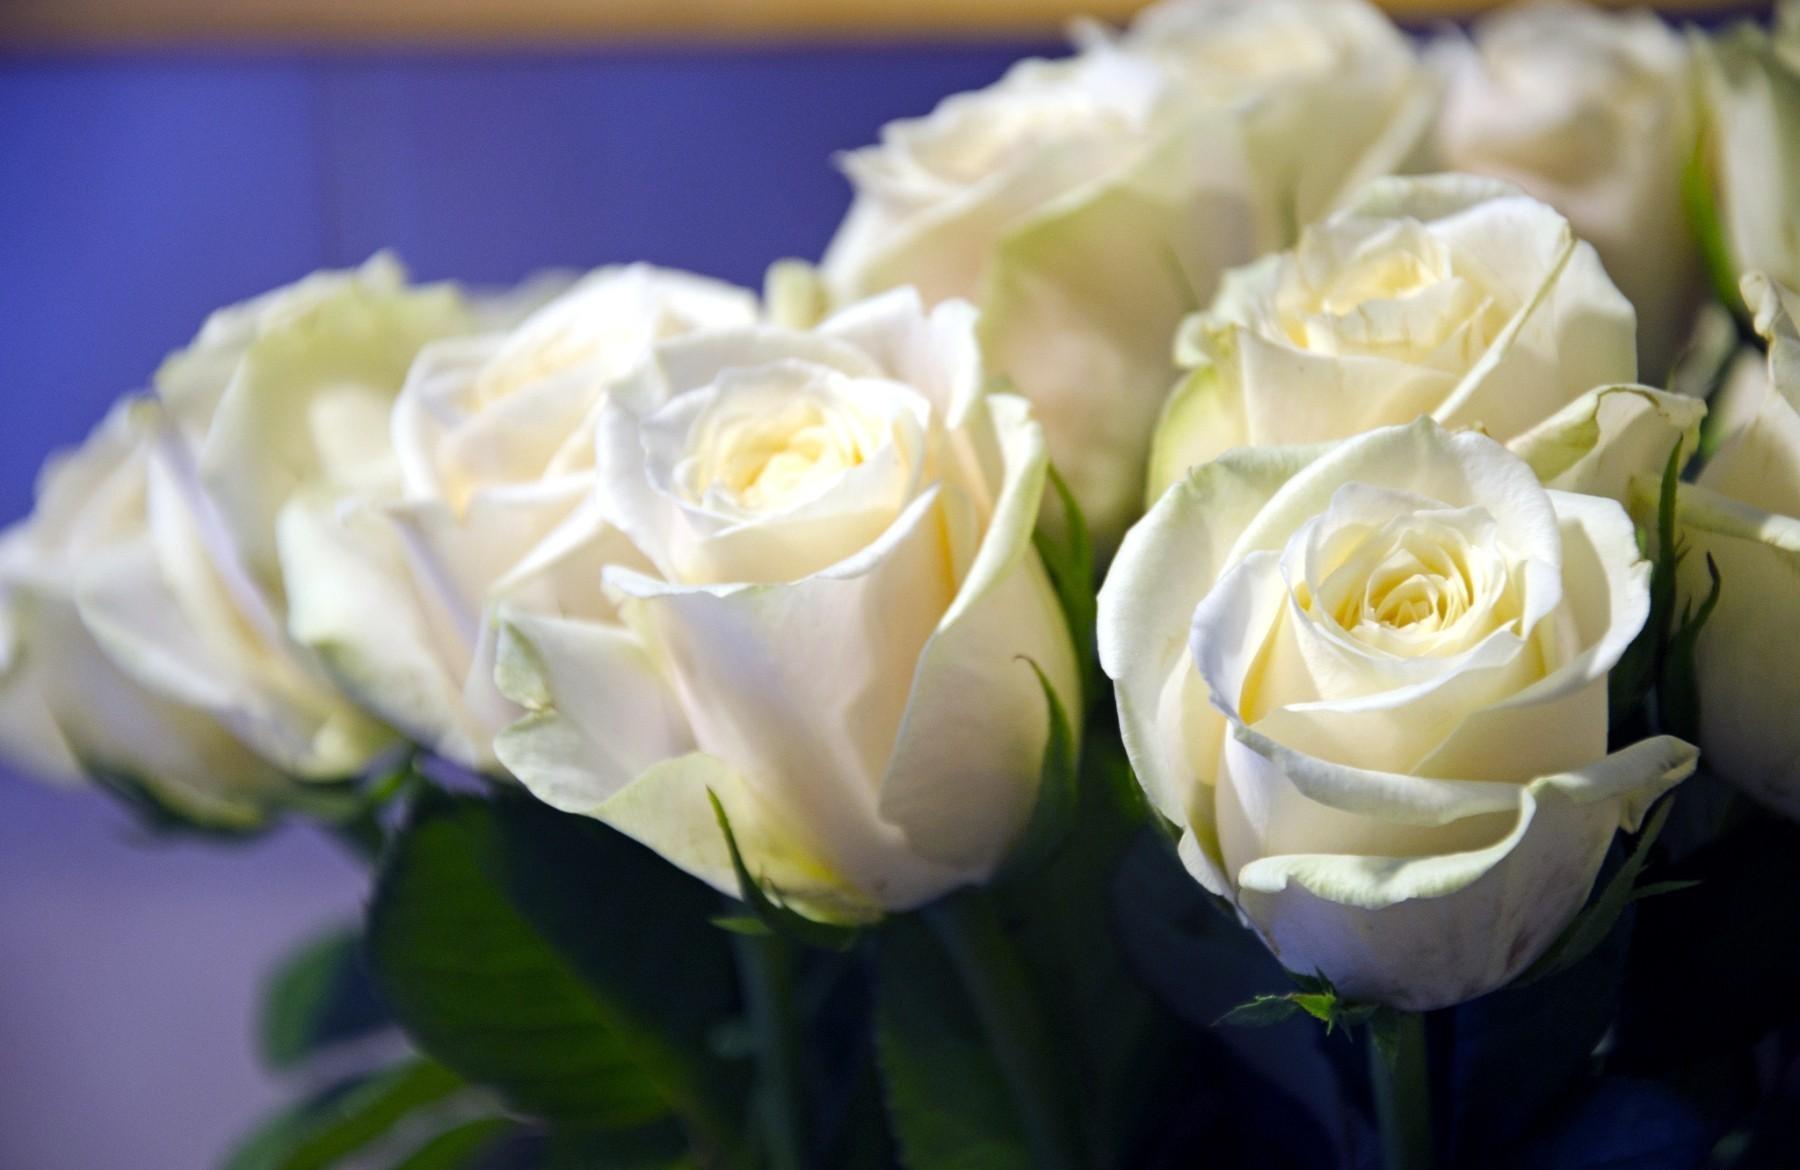 71302 Hintergrundbild herunterladen Blumen, Roses, Nahaufnahme, Strauß, Bouquet, Nahansicht, Knospen, Schneewittchen - Bildschirmschoner und Bilder kostenlos